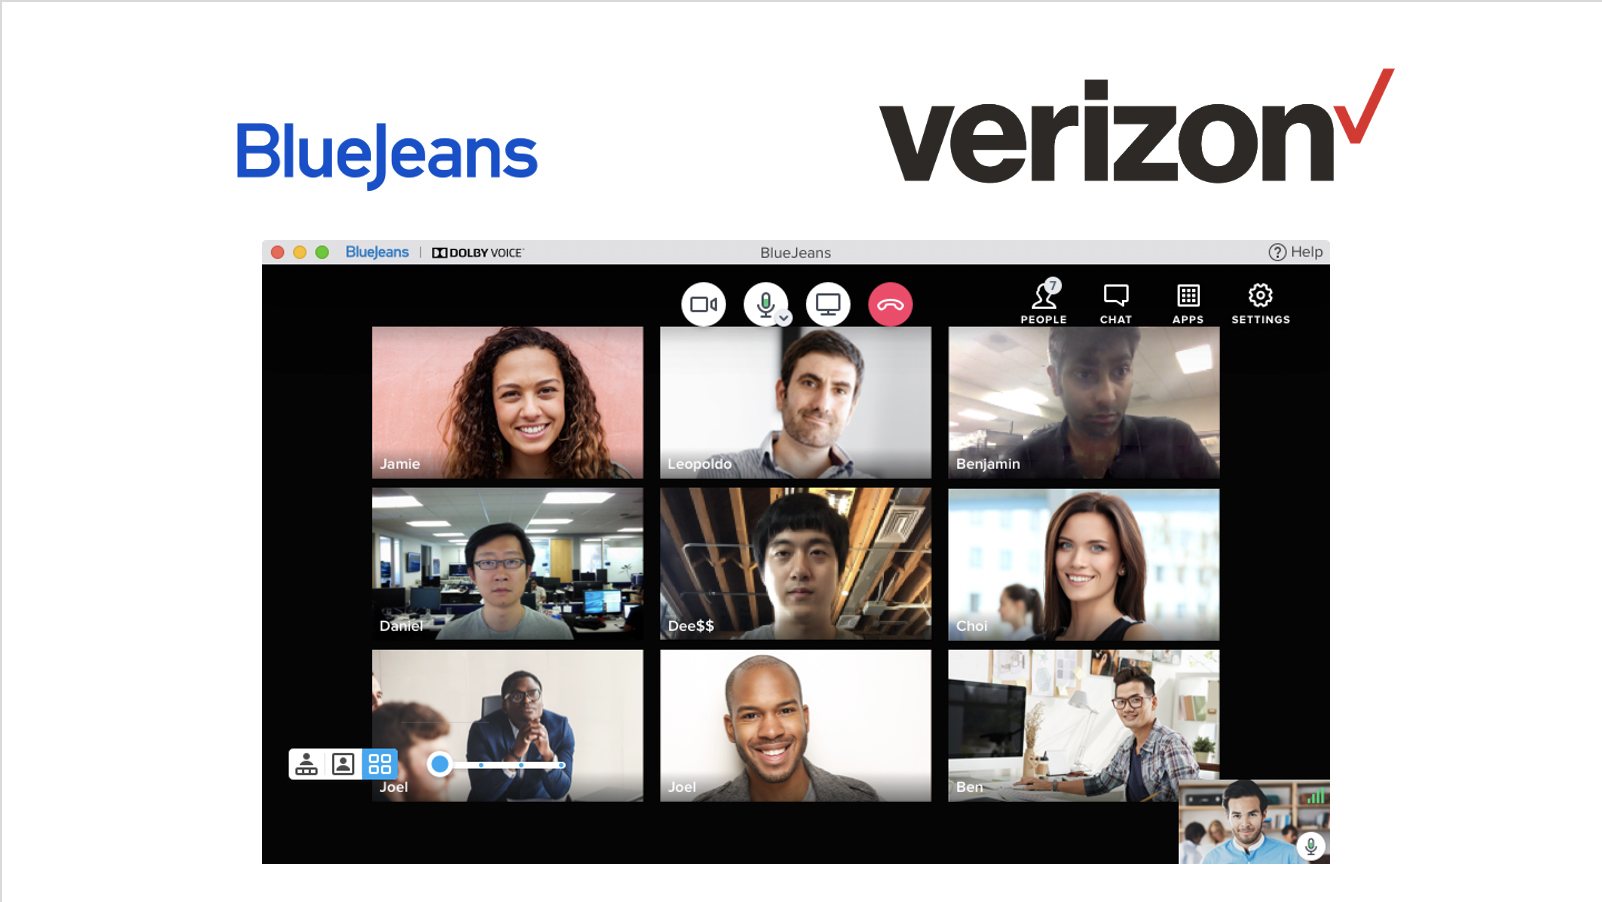 Verizon_BlueJeans_1.jpg